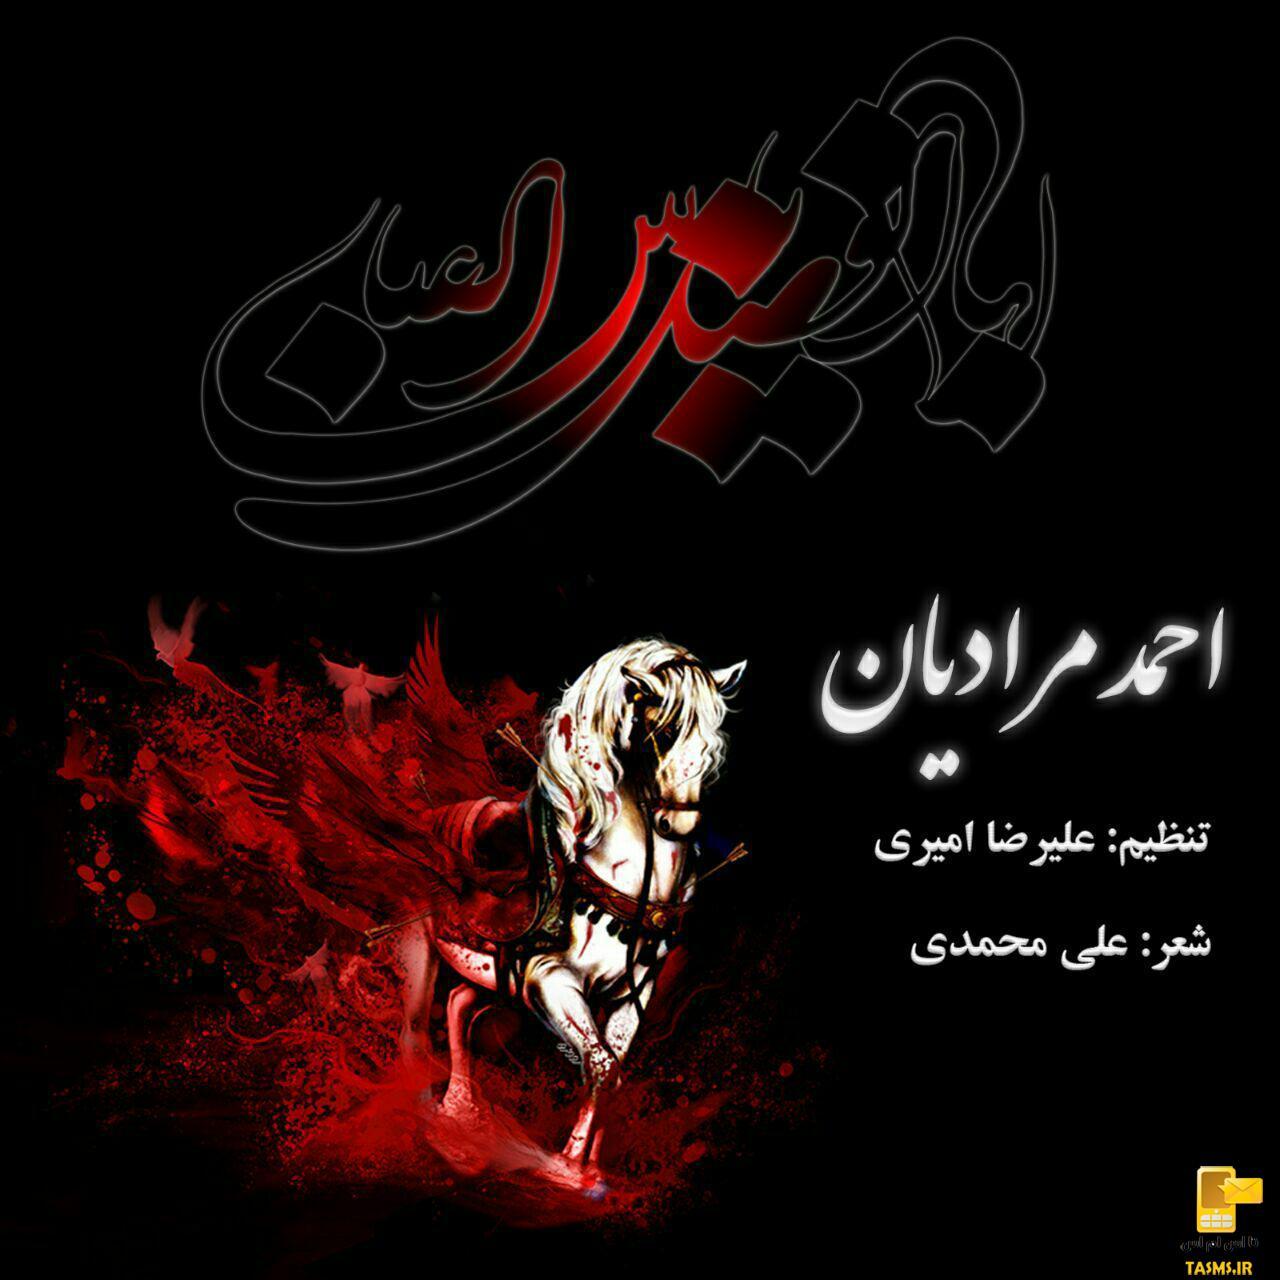 دانلود مداحی جدید احمد مرادیان به نام سرادر بی دست